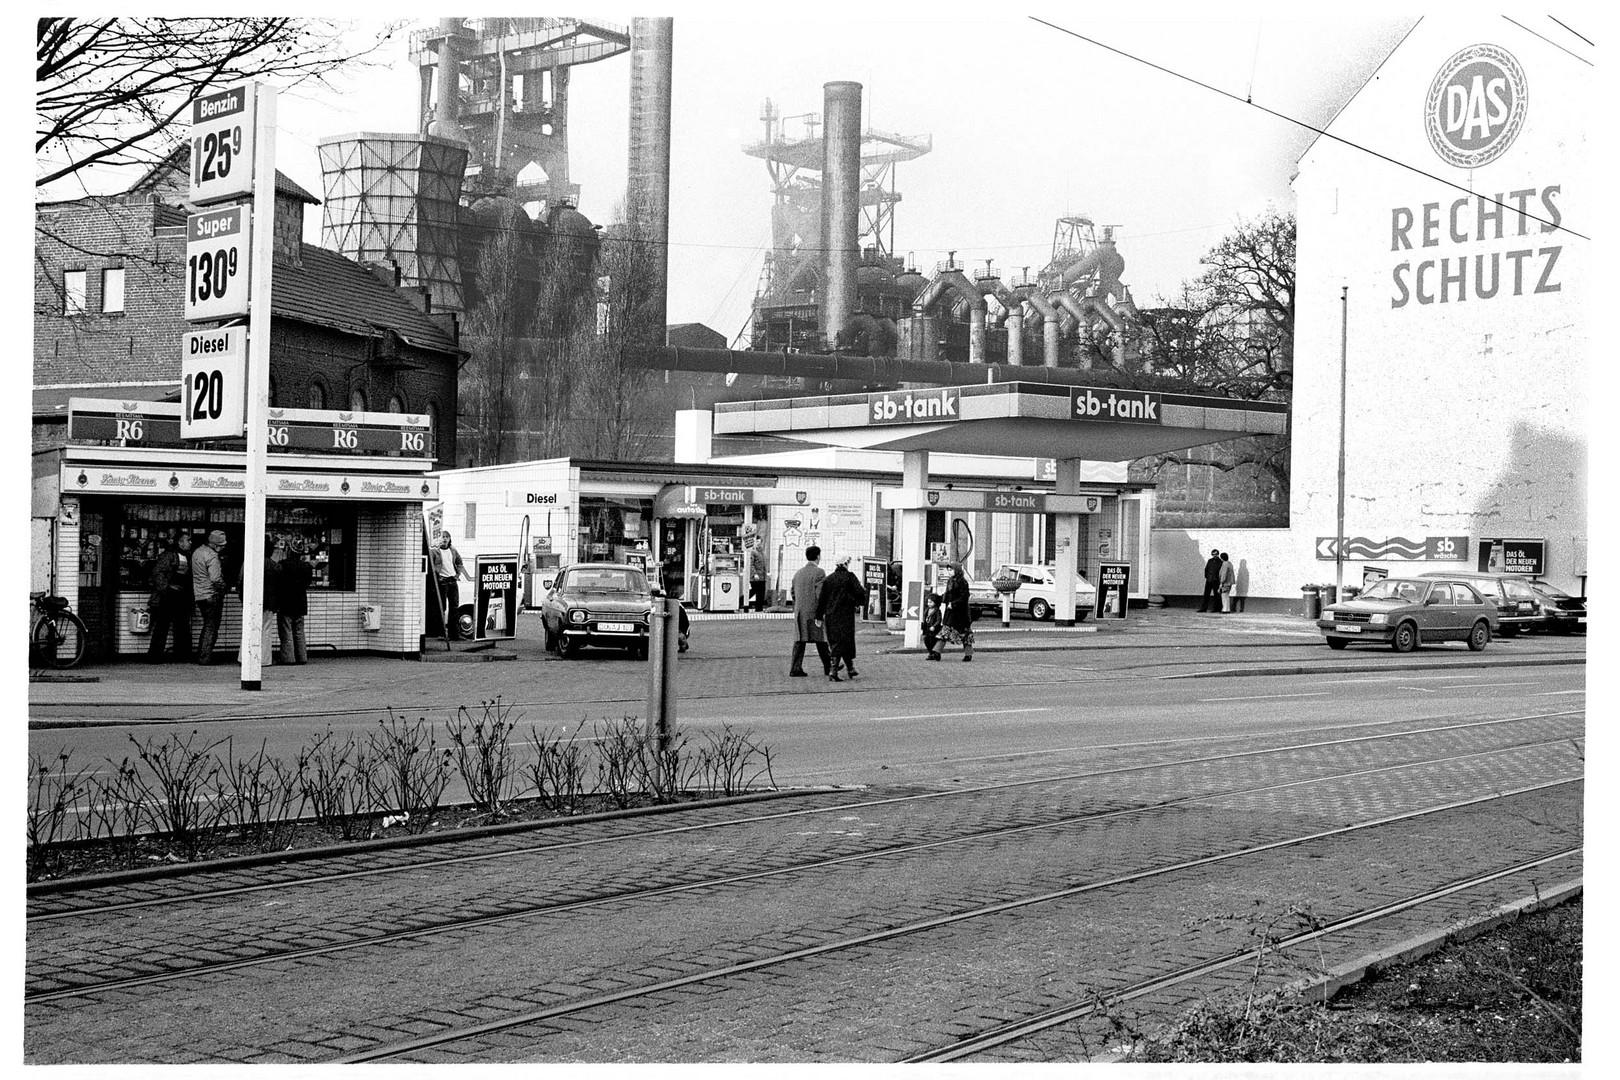 Straßenszene Duisburg Bruckhausen 1981